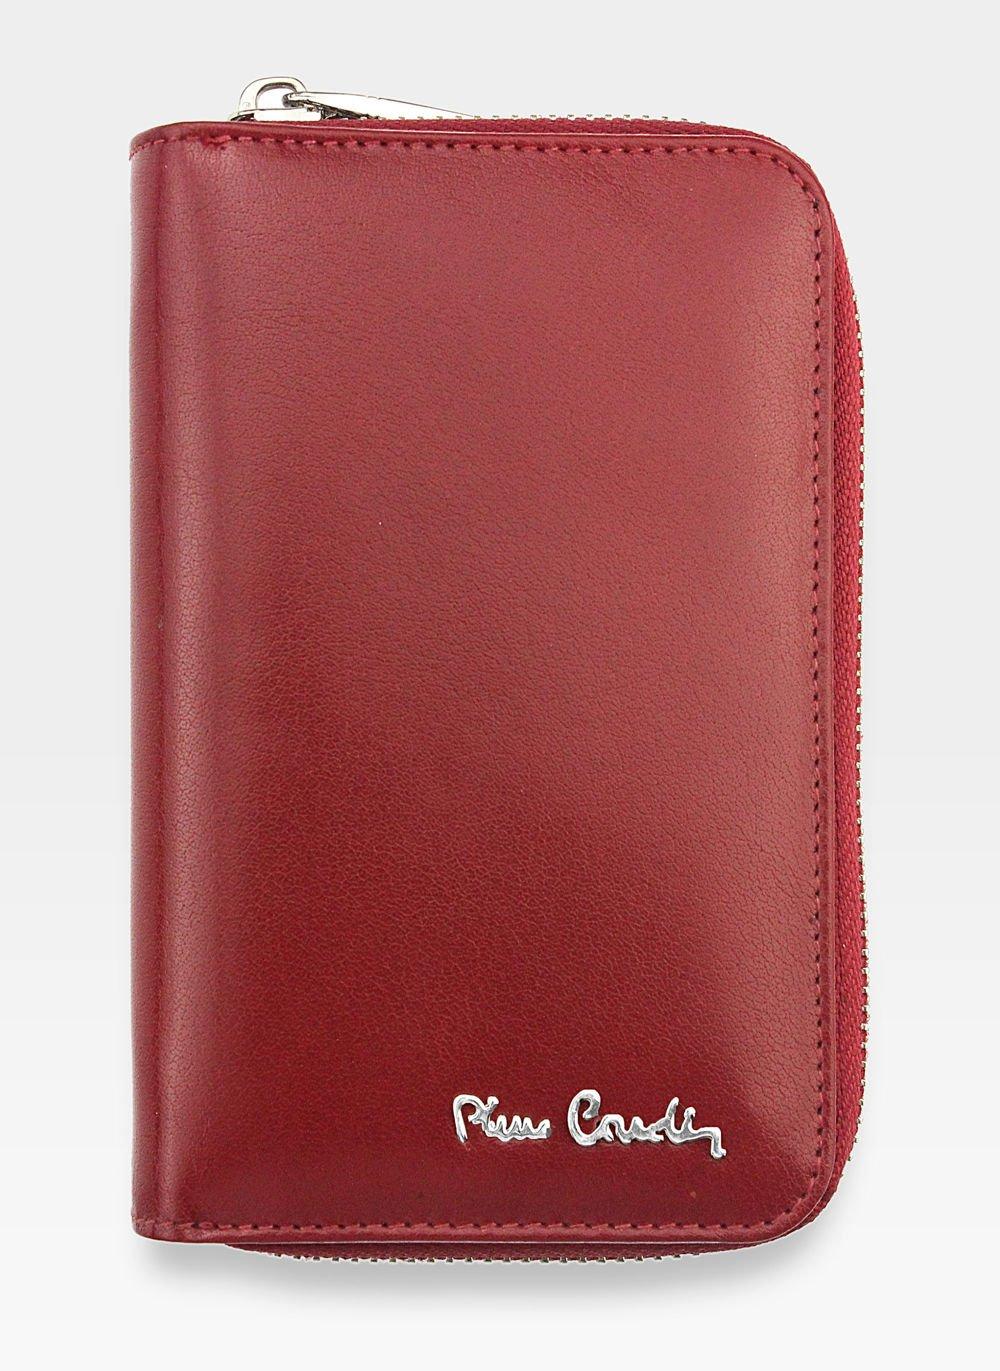 4b609397817f8 Portfel Damski Pierre Cardin Skórzany Czerwony 520.1 503 YS520.1 503 ...